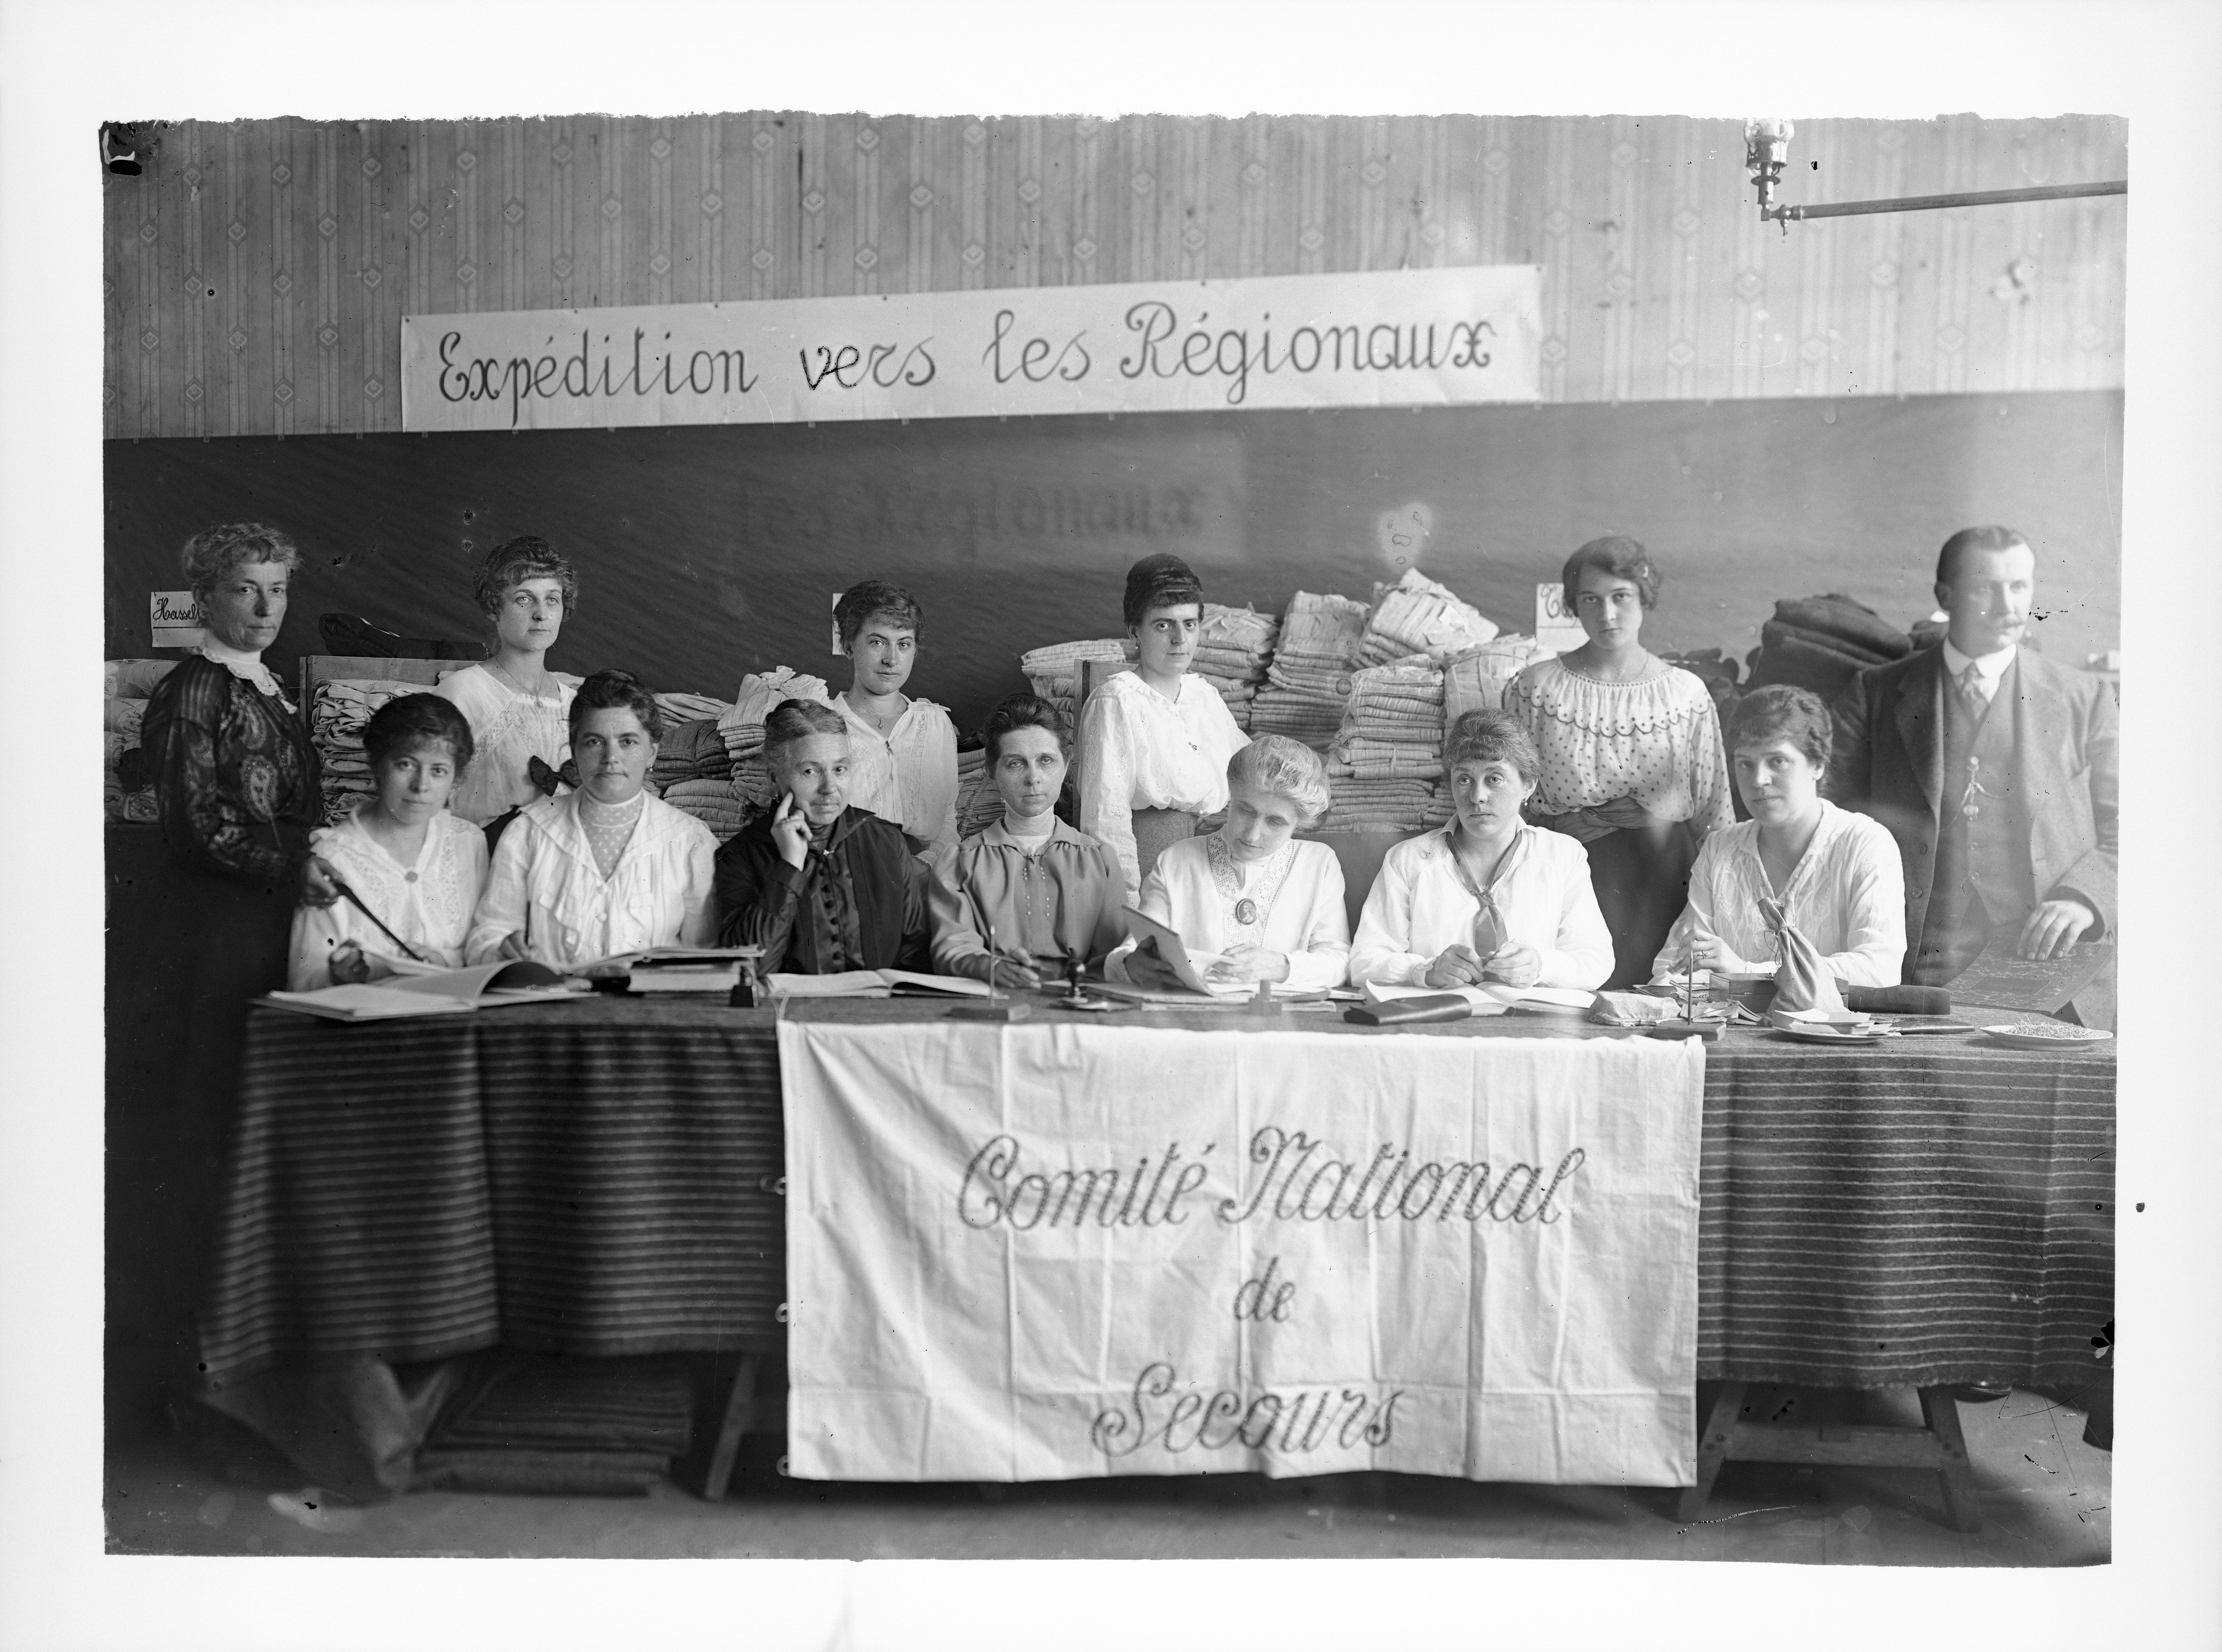 De expeditieafdeling van het Hasseltse magazijn op het einde van de Eerste Wereldoorlog.